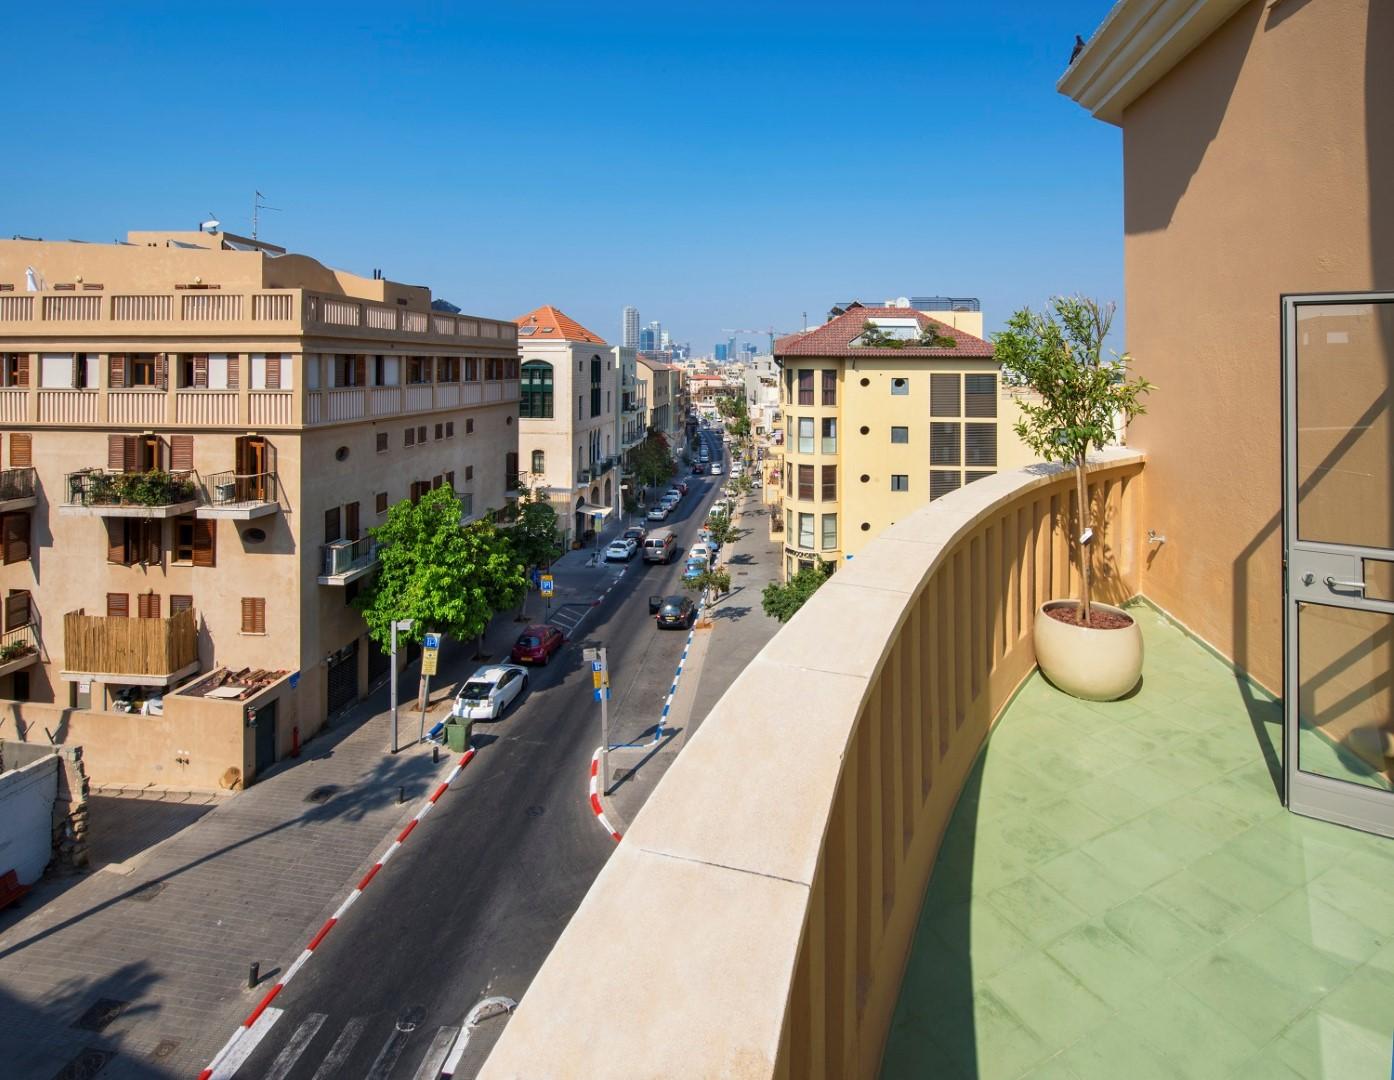 מבט מהמרפסת (צילום: איציק ביונונסקי)